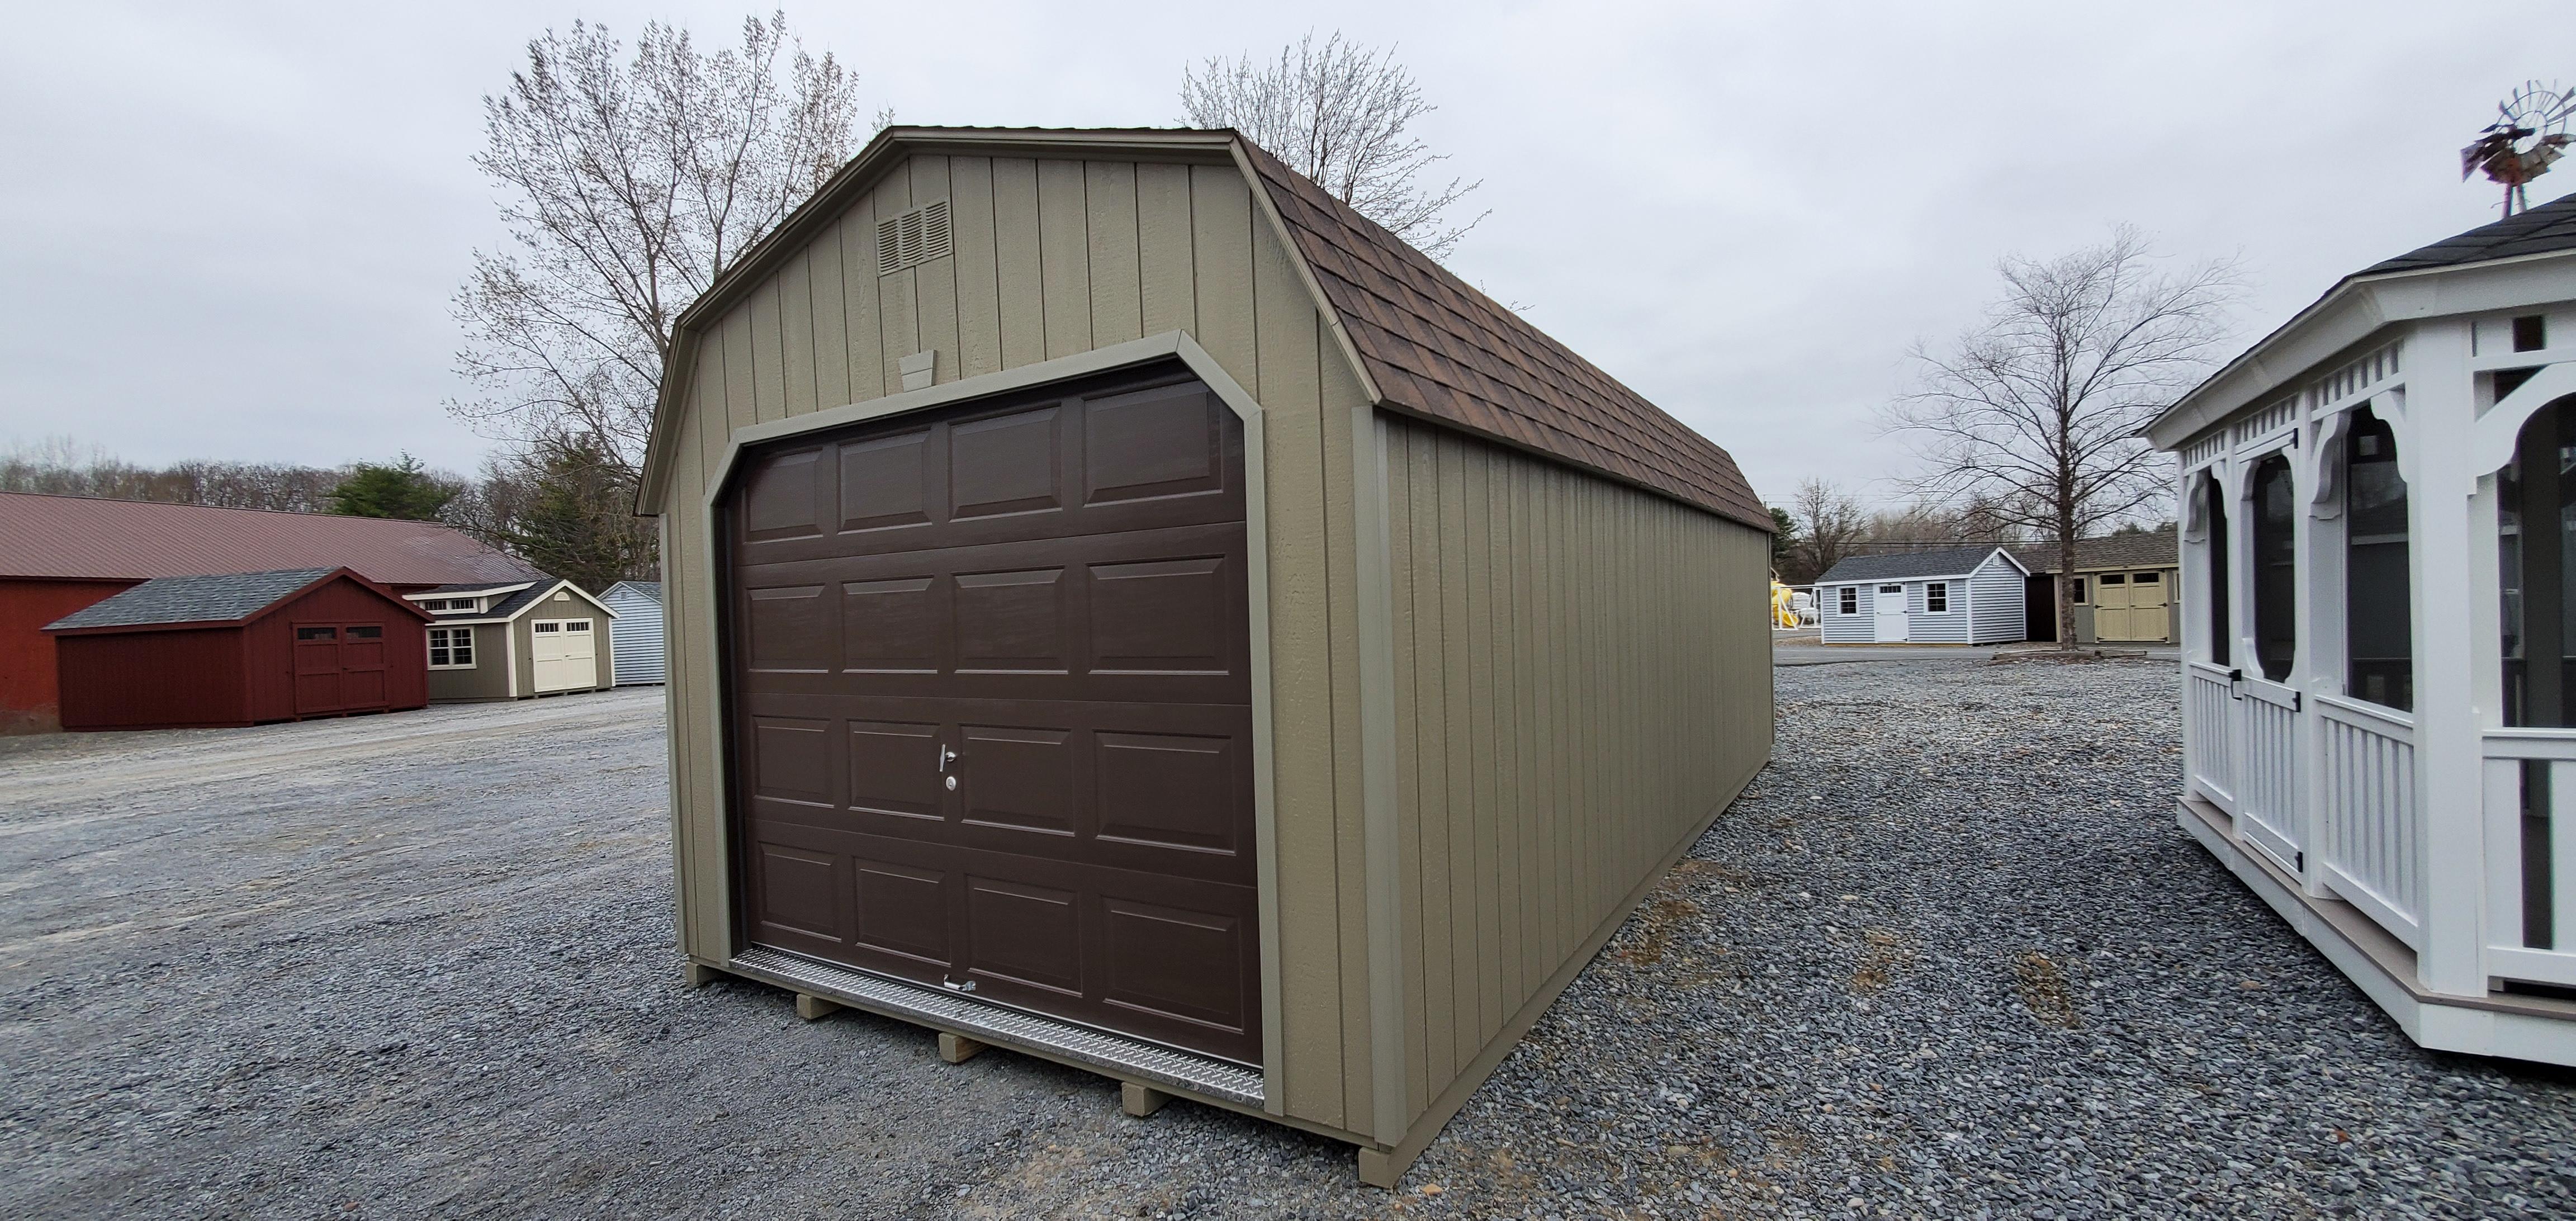 12' X 26' Duratemp Garage : Image 1